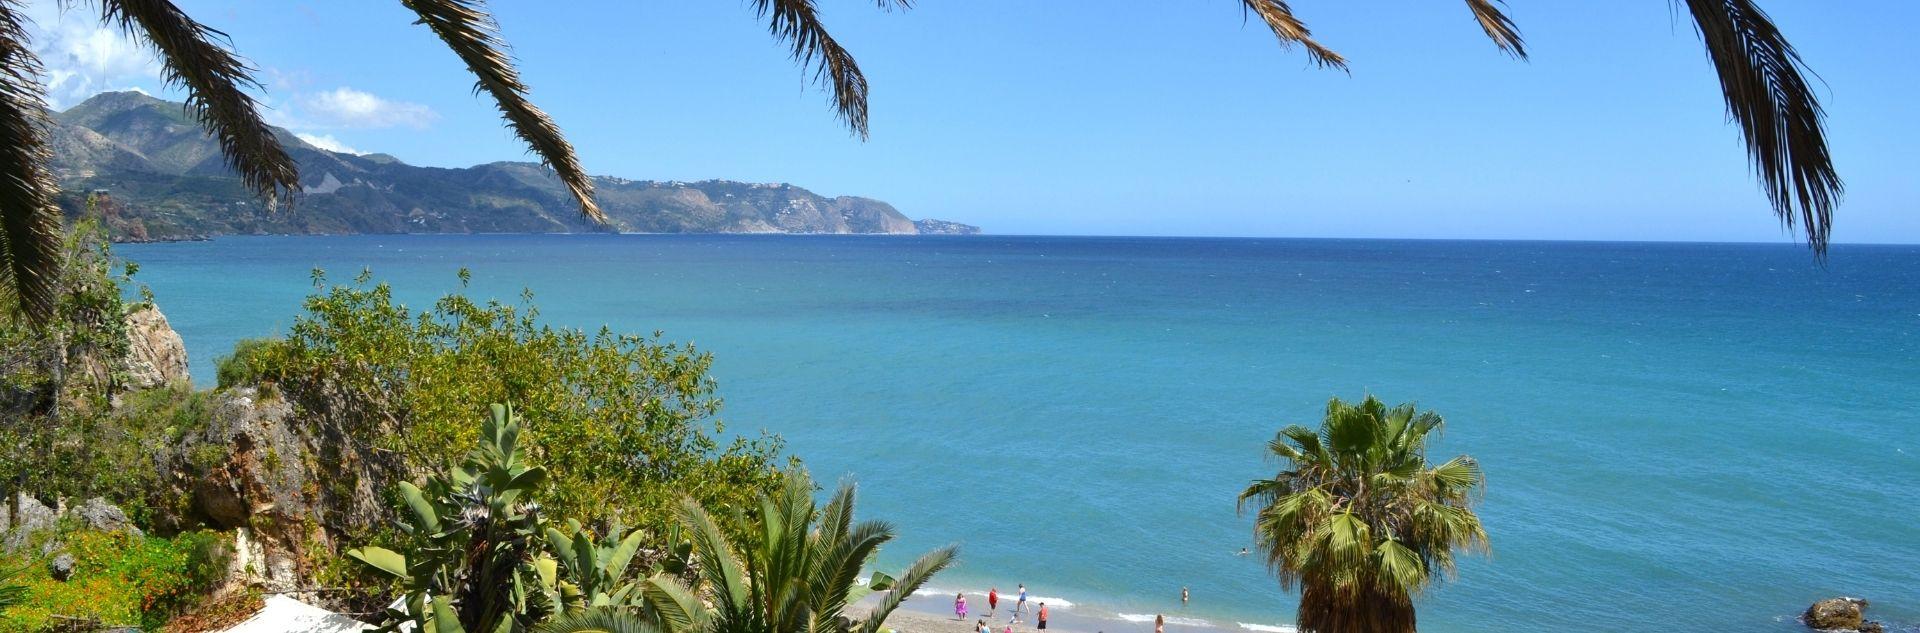 Spanien - Costa del Sol, Strand